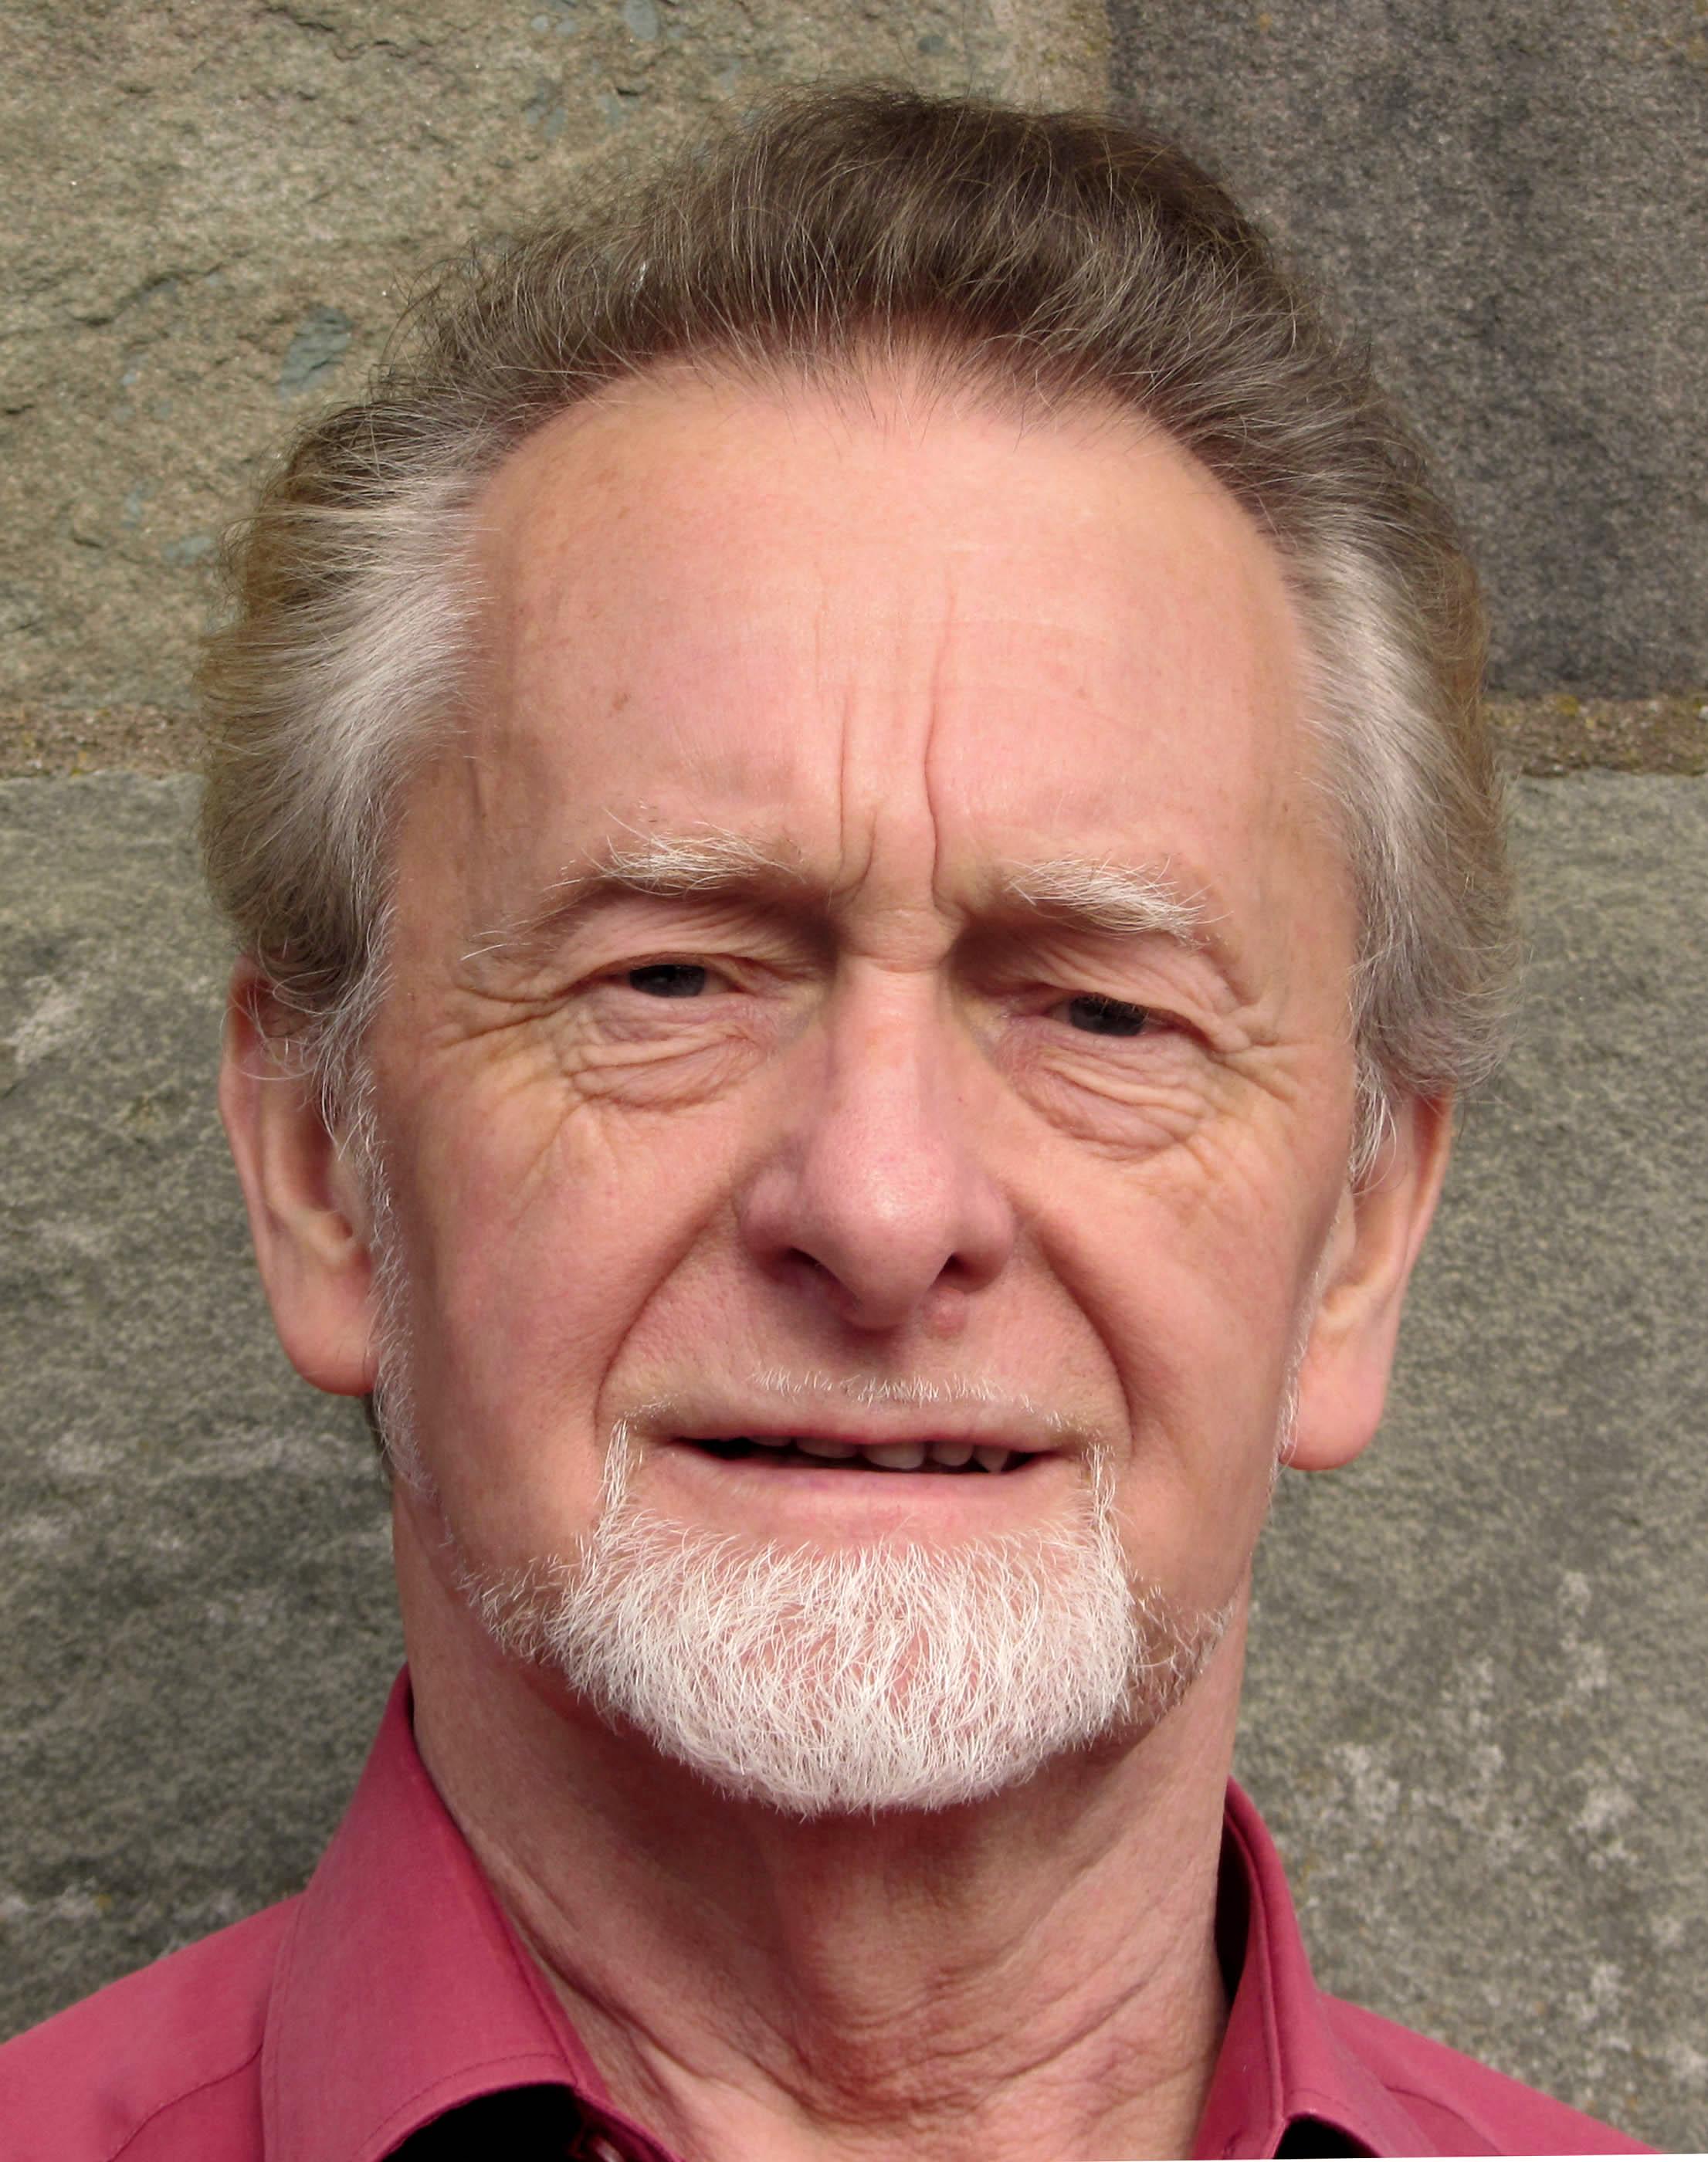 Professor Philip James